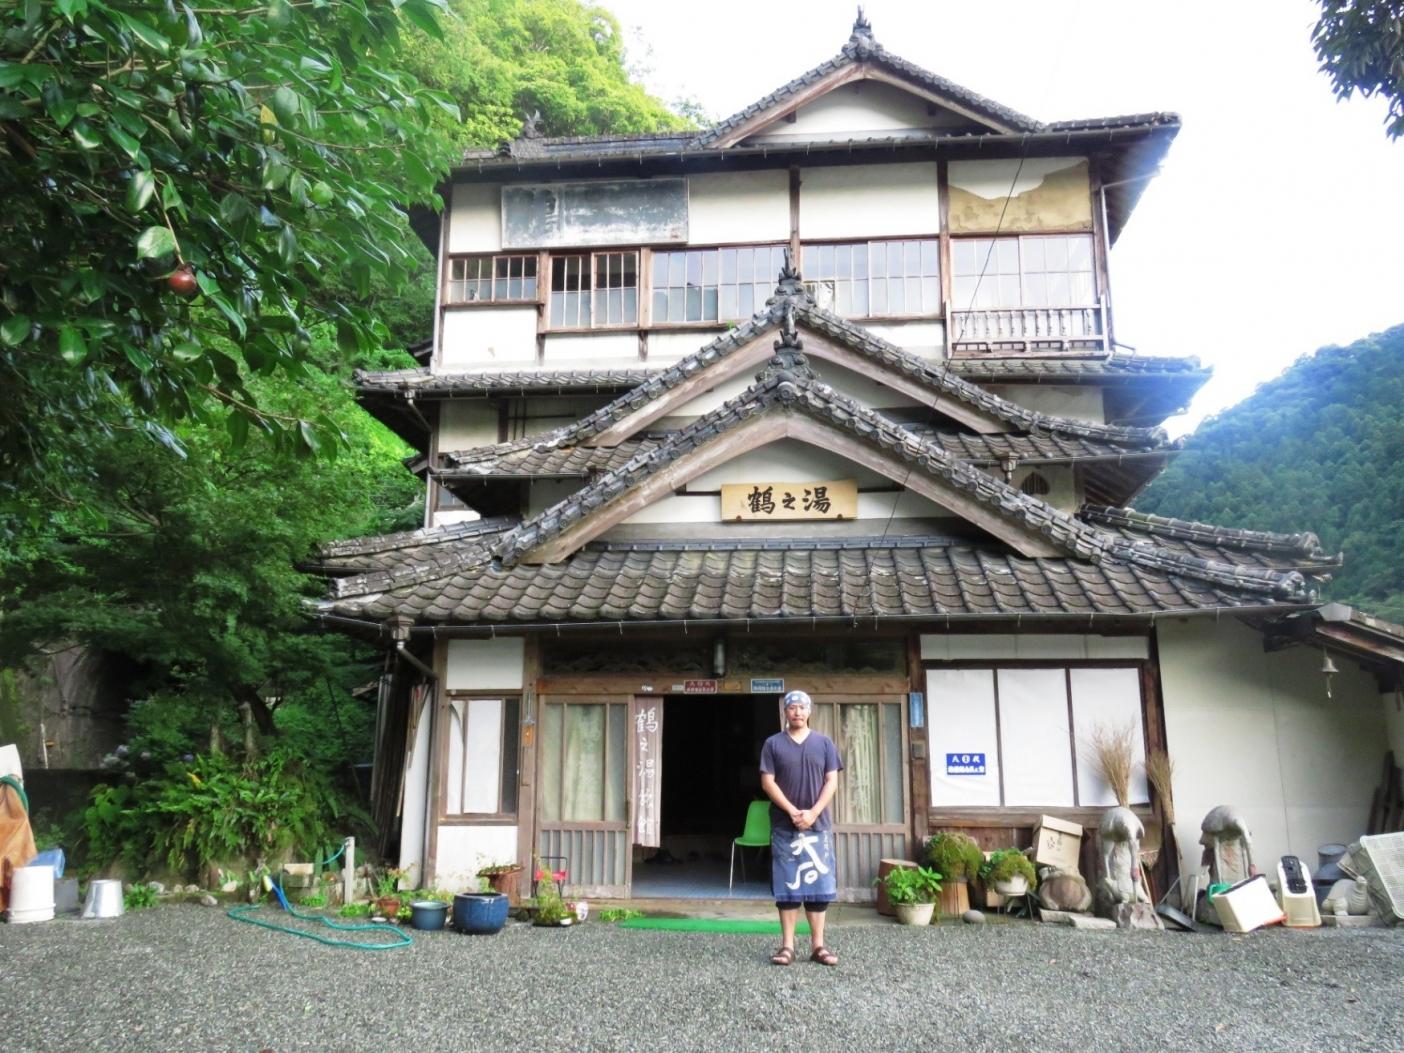 貴重な木造三階建ての旅館、鶴の湯。目の前の球磨川で取れる天然鮎は旅館の自慢の一品にもなっている